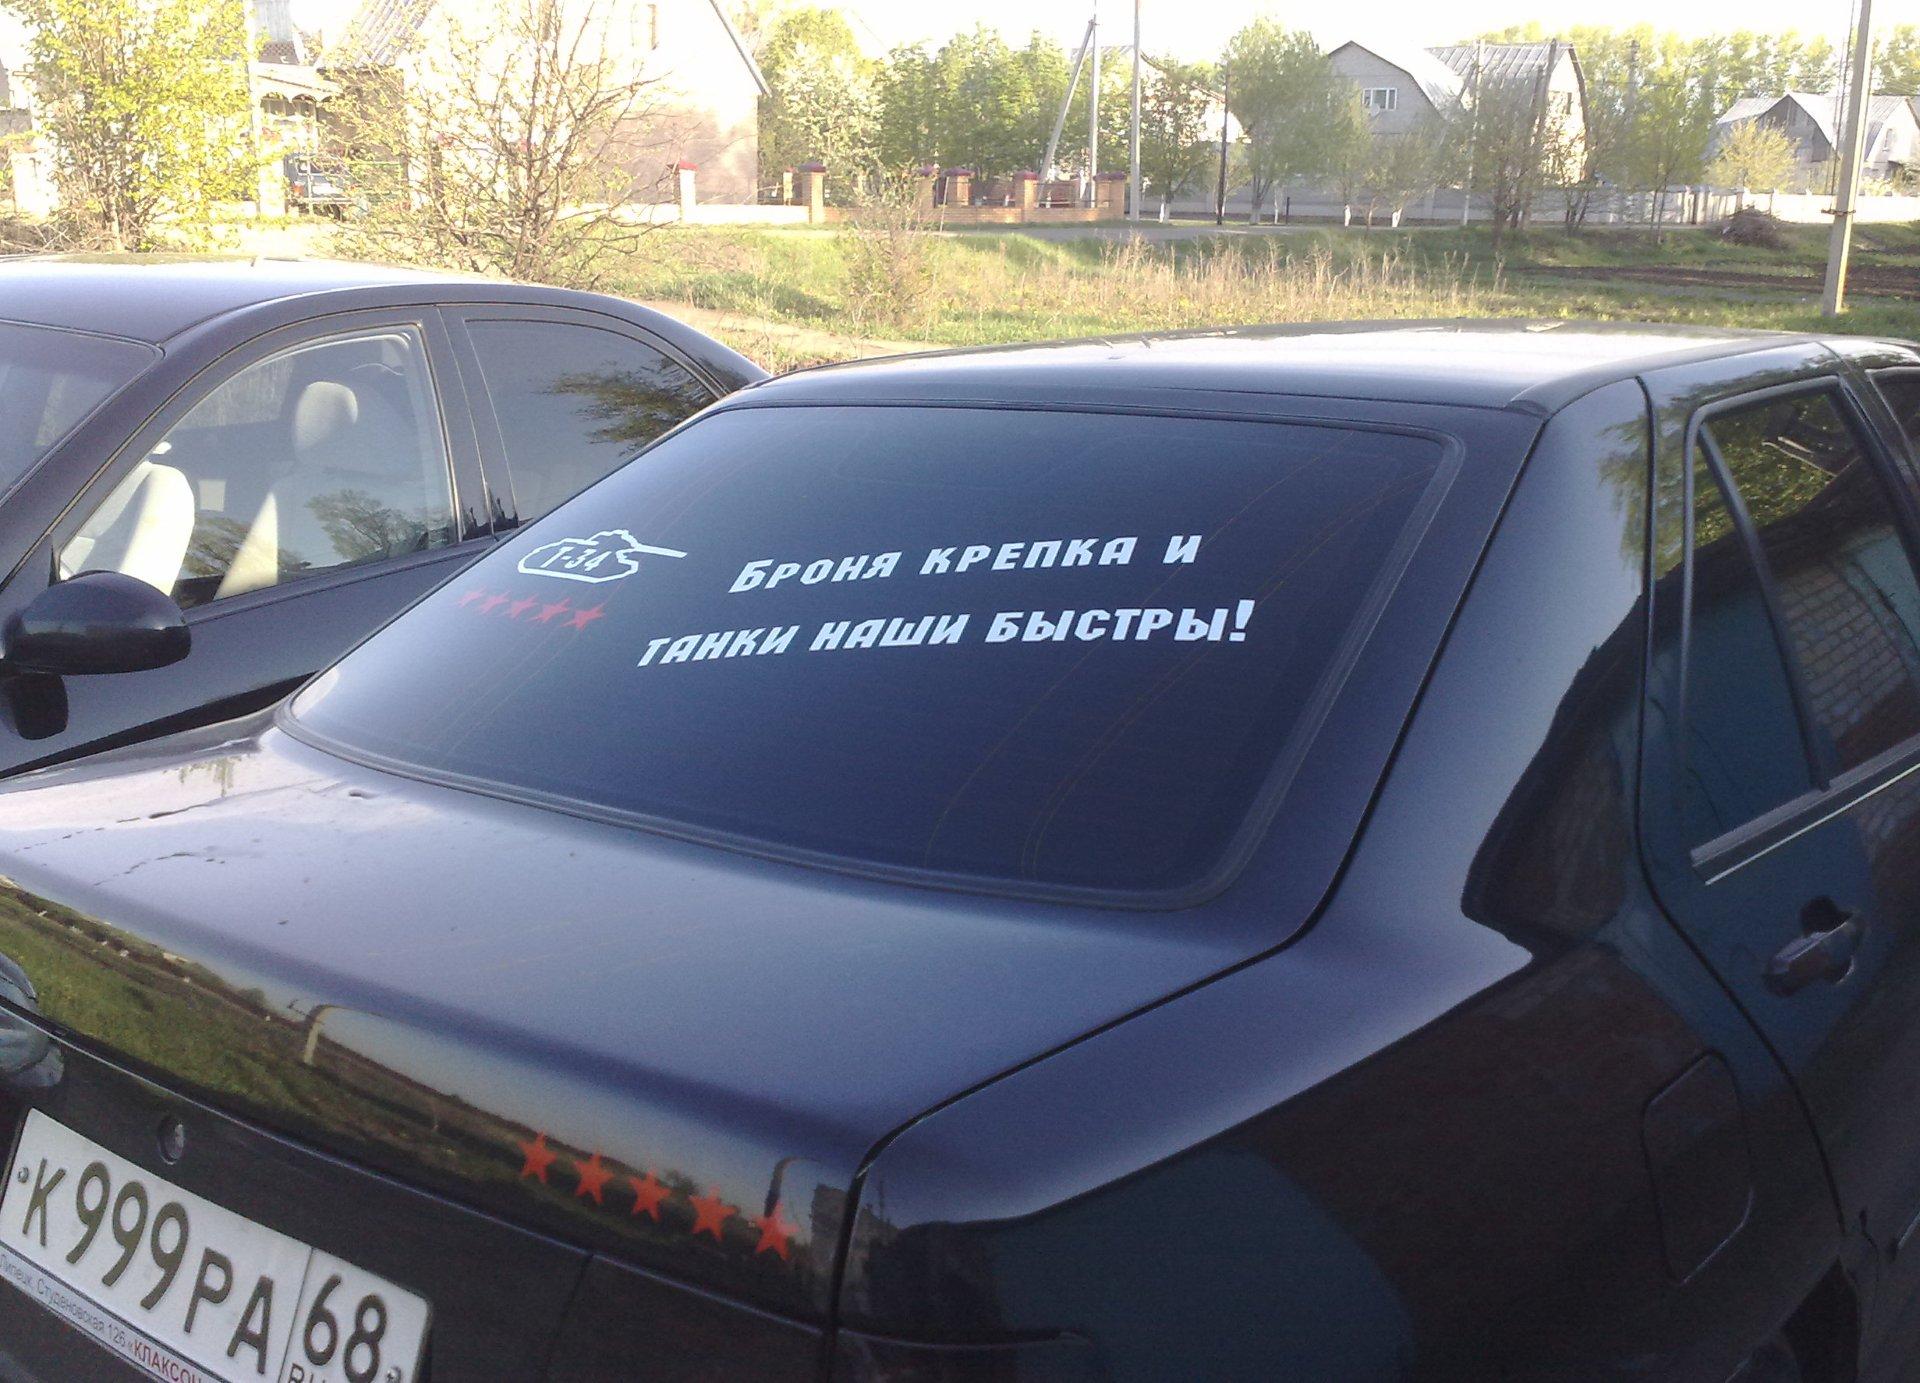 смесь надпись на машину на лобовое стекло картинки чистом листе